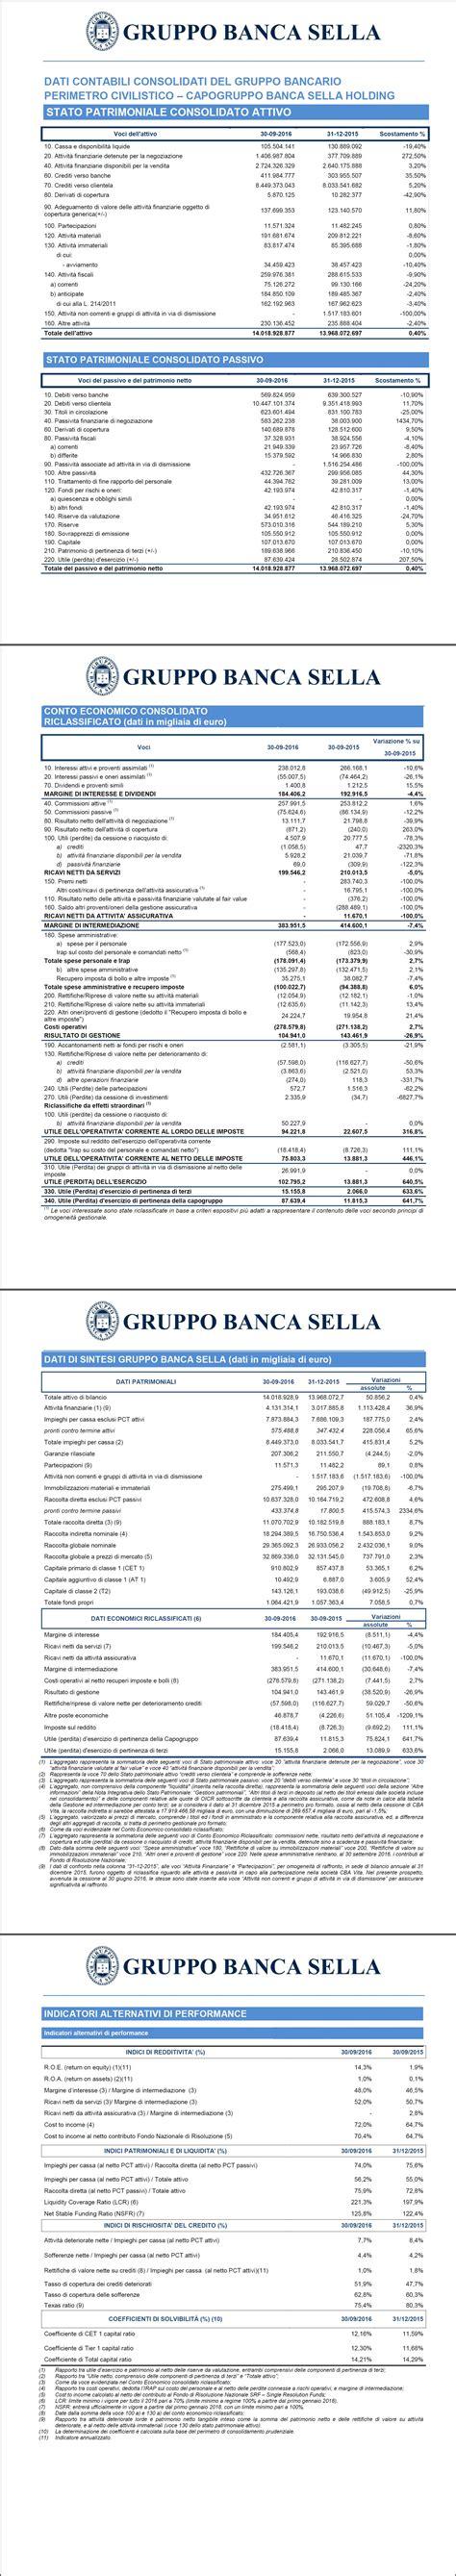 gruppo banca sella gruppo banca sella terzo trimestre